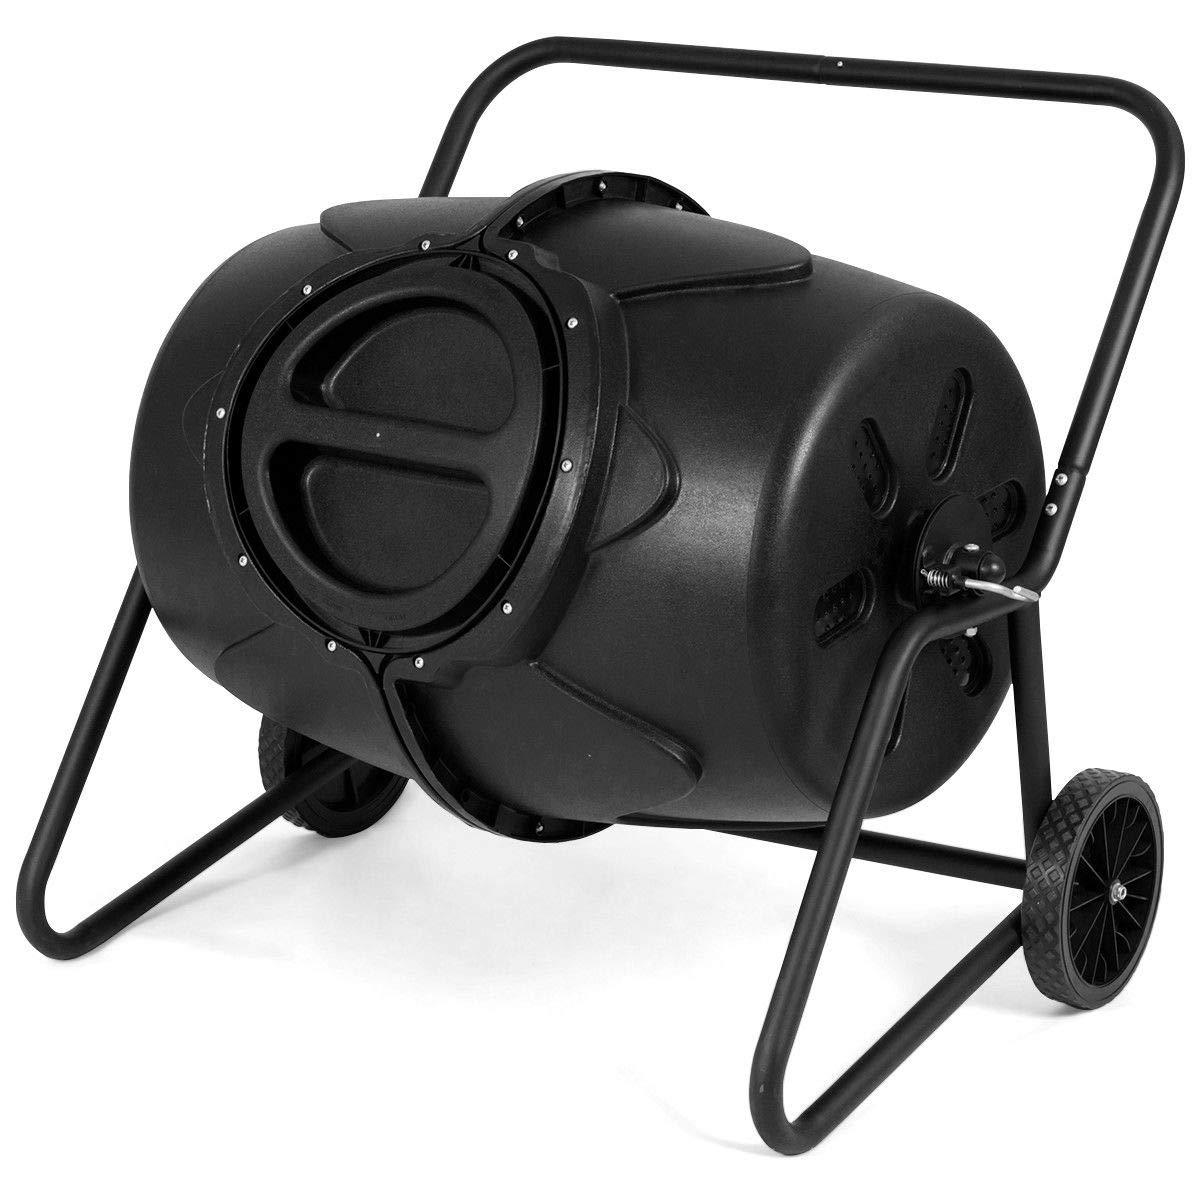 Amazon.com: Caraya - Vaso de basura con ruedas, para jardín ...